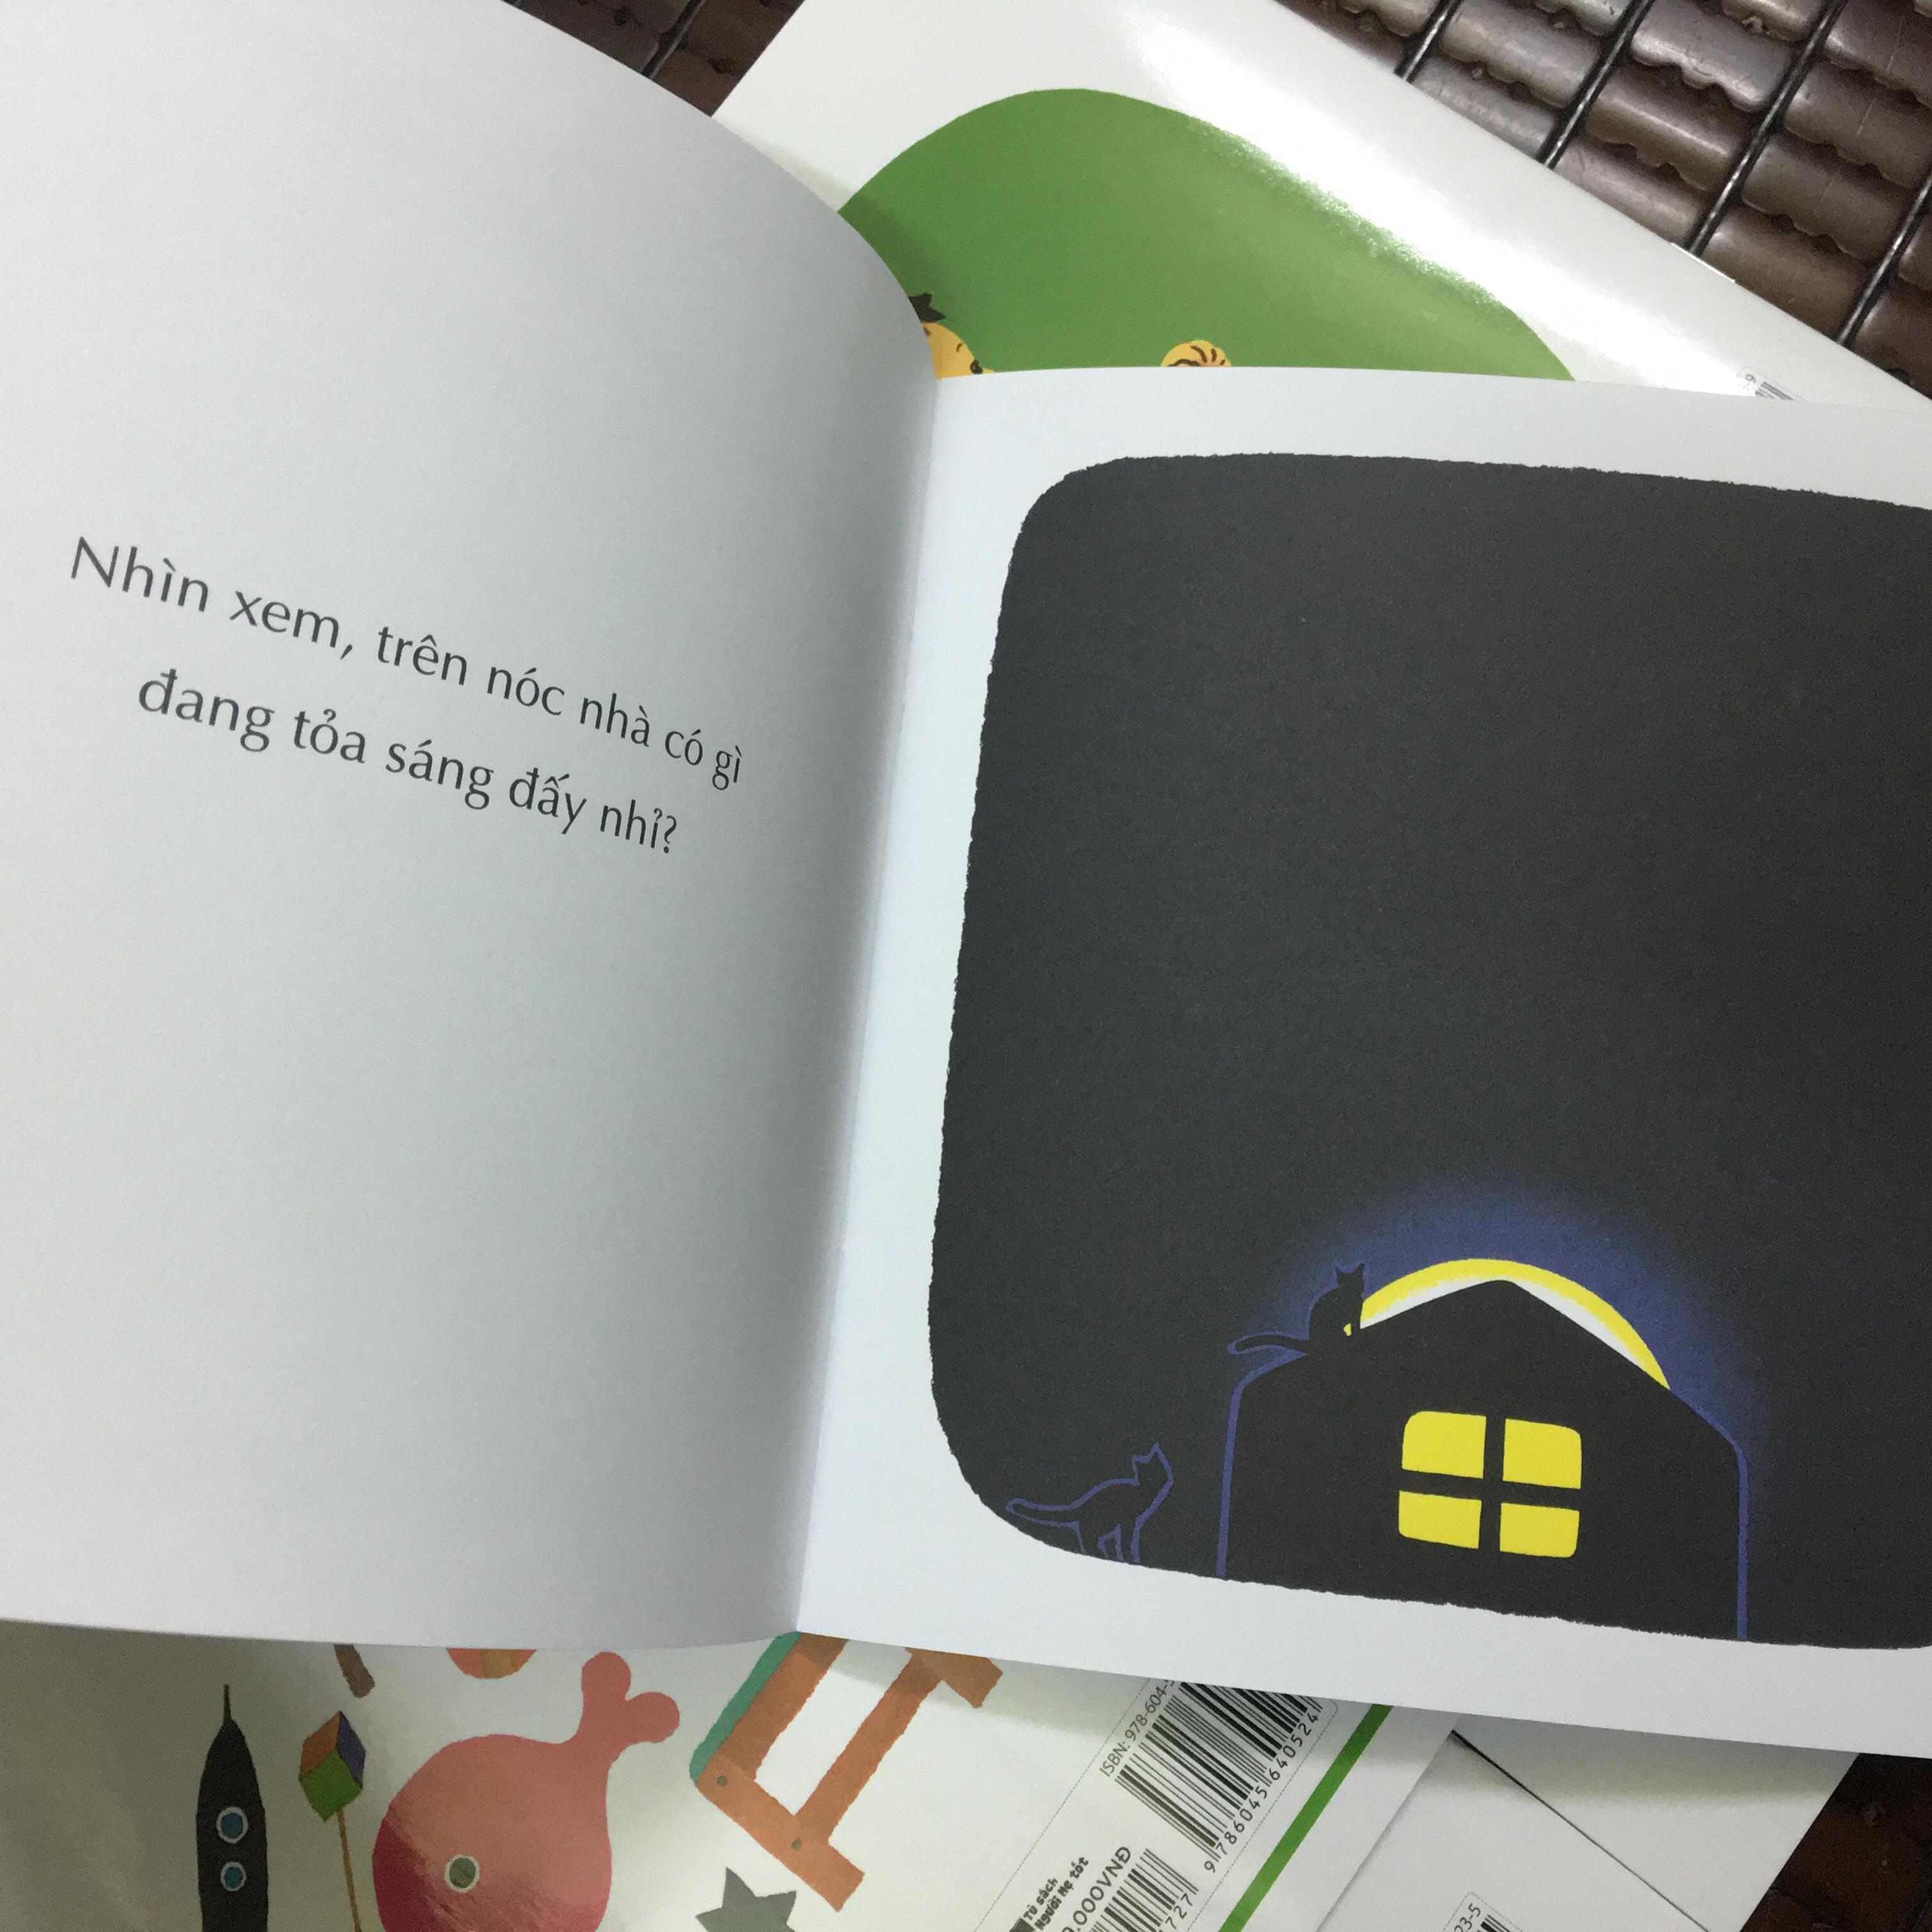 Combo Ehon Nhật bản dành cho bé 0 - 3 tuổi - Ehon bé ngoan (Bộ 6 cuốn)( tái bản 2019 Tặng kèm 1 vỉ nơ hình ngẫu nhiên như hình